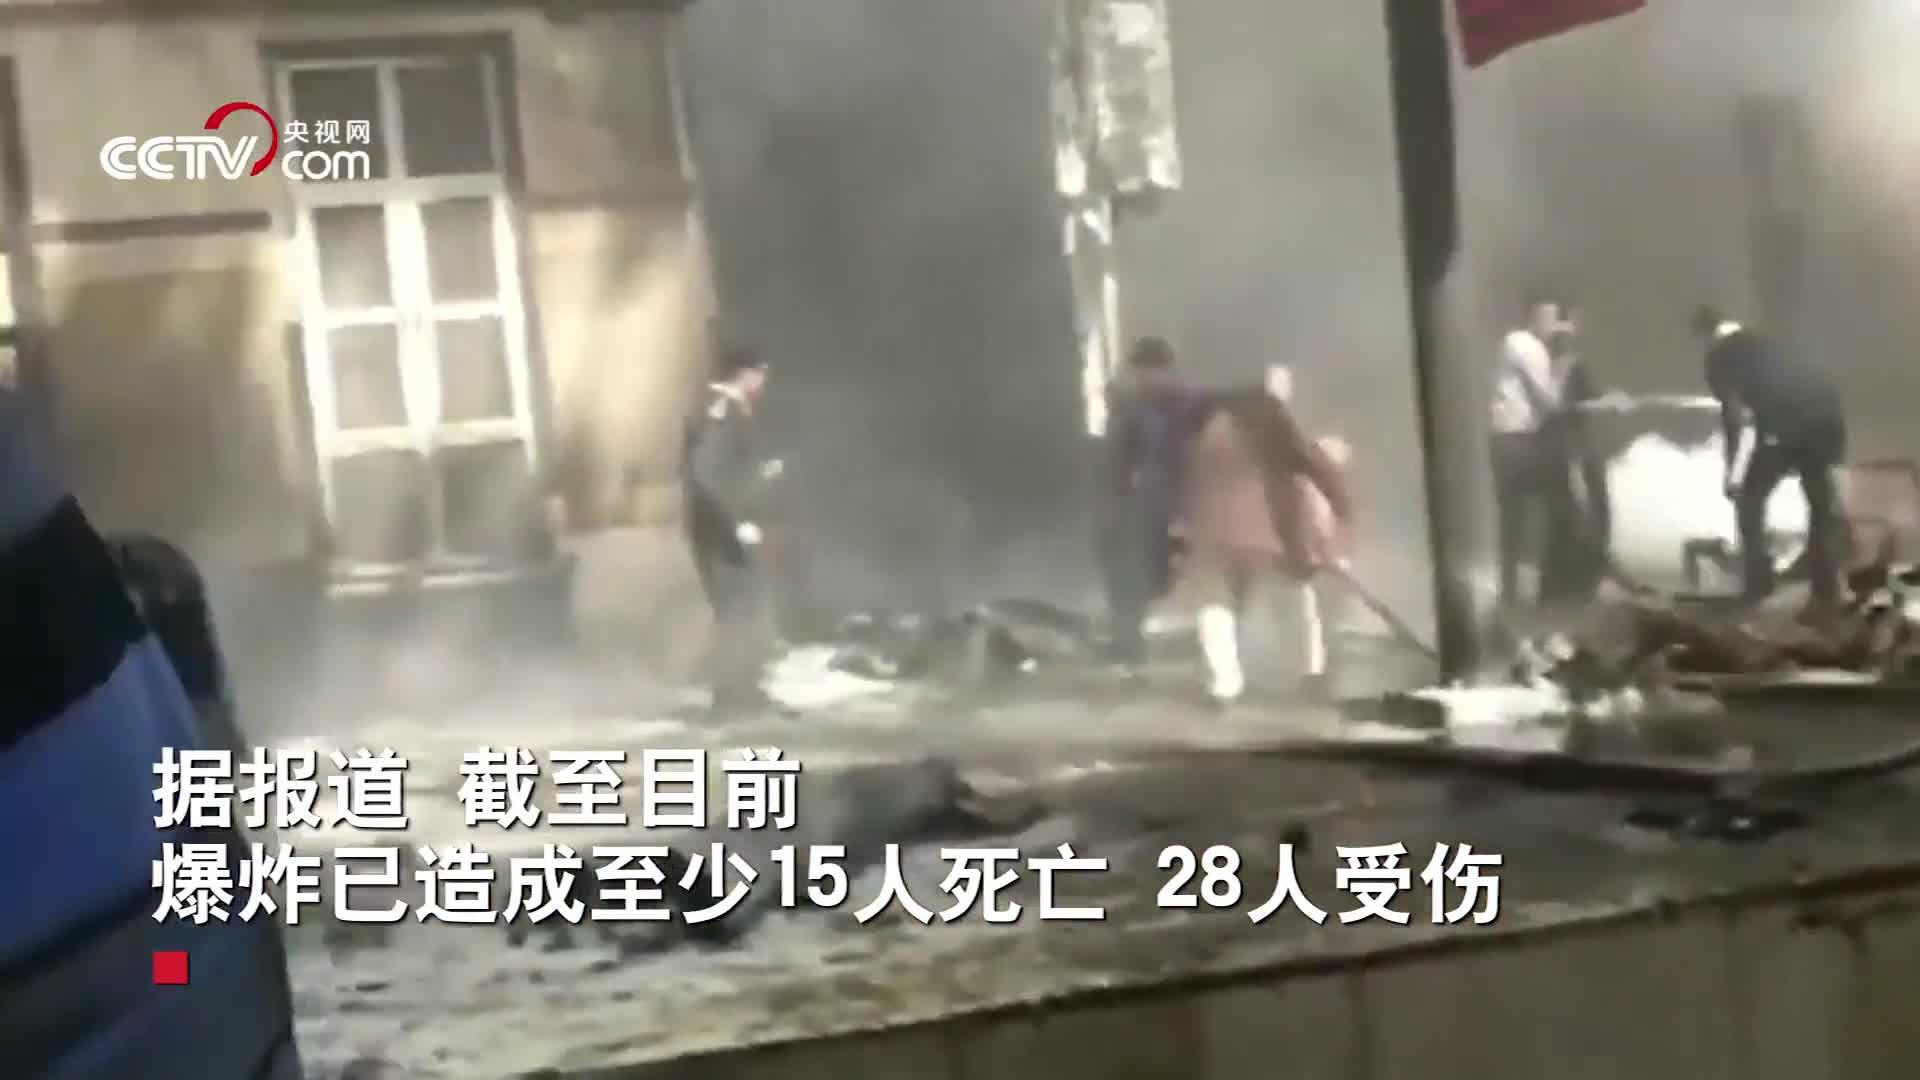 [视频]埃及开罗最大火车站发生爆炸 现场大火汹汹浓烟弥漫